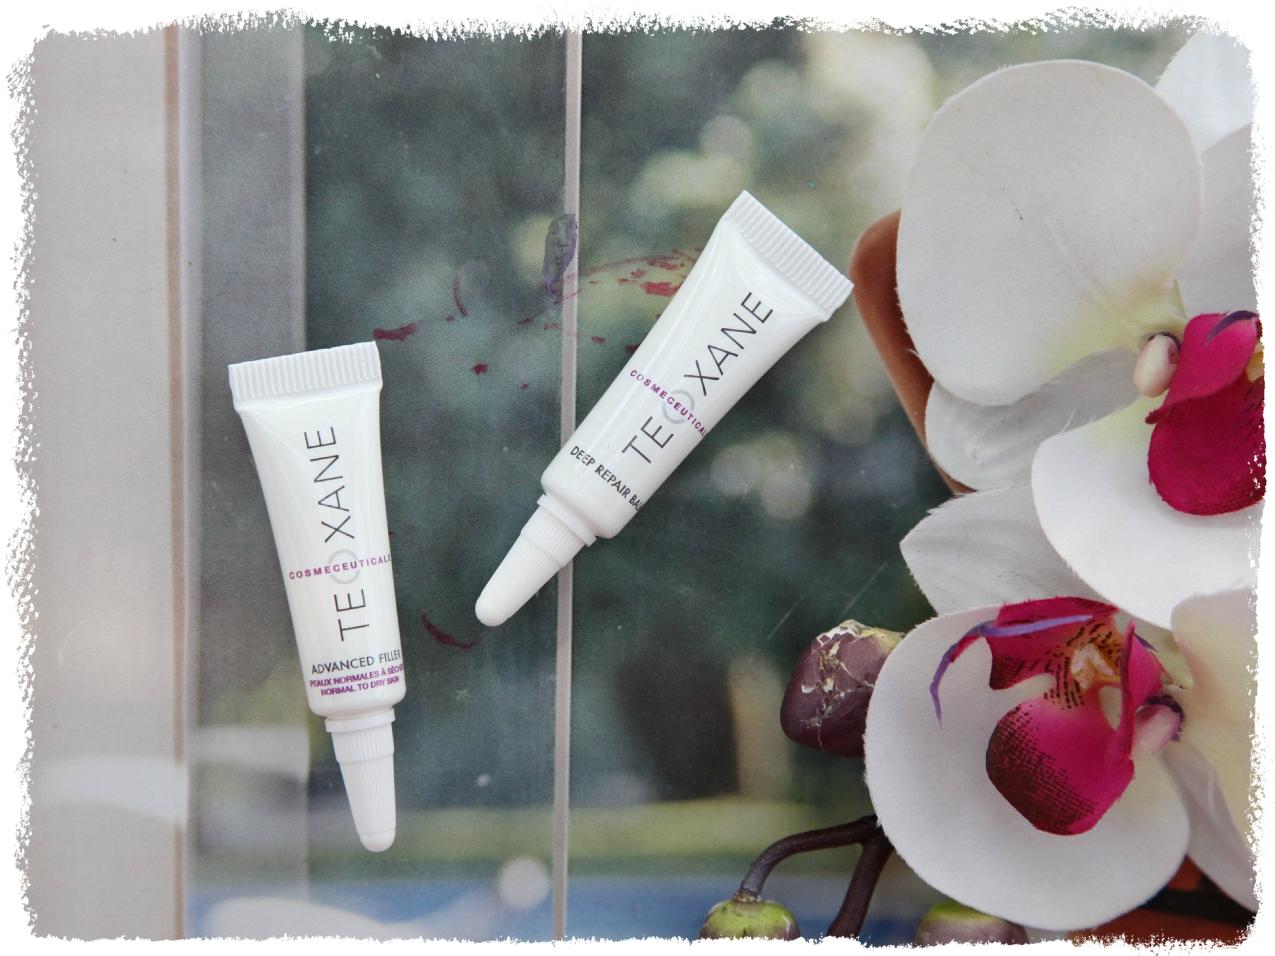 Seduzione e bellezza a prova di pelle con Teoxane e SVR, alessia milanese, thechilicool, fashion blog, fashion blogger